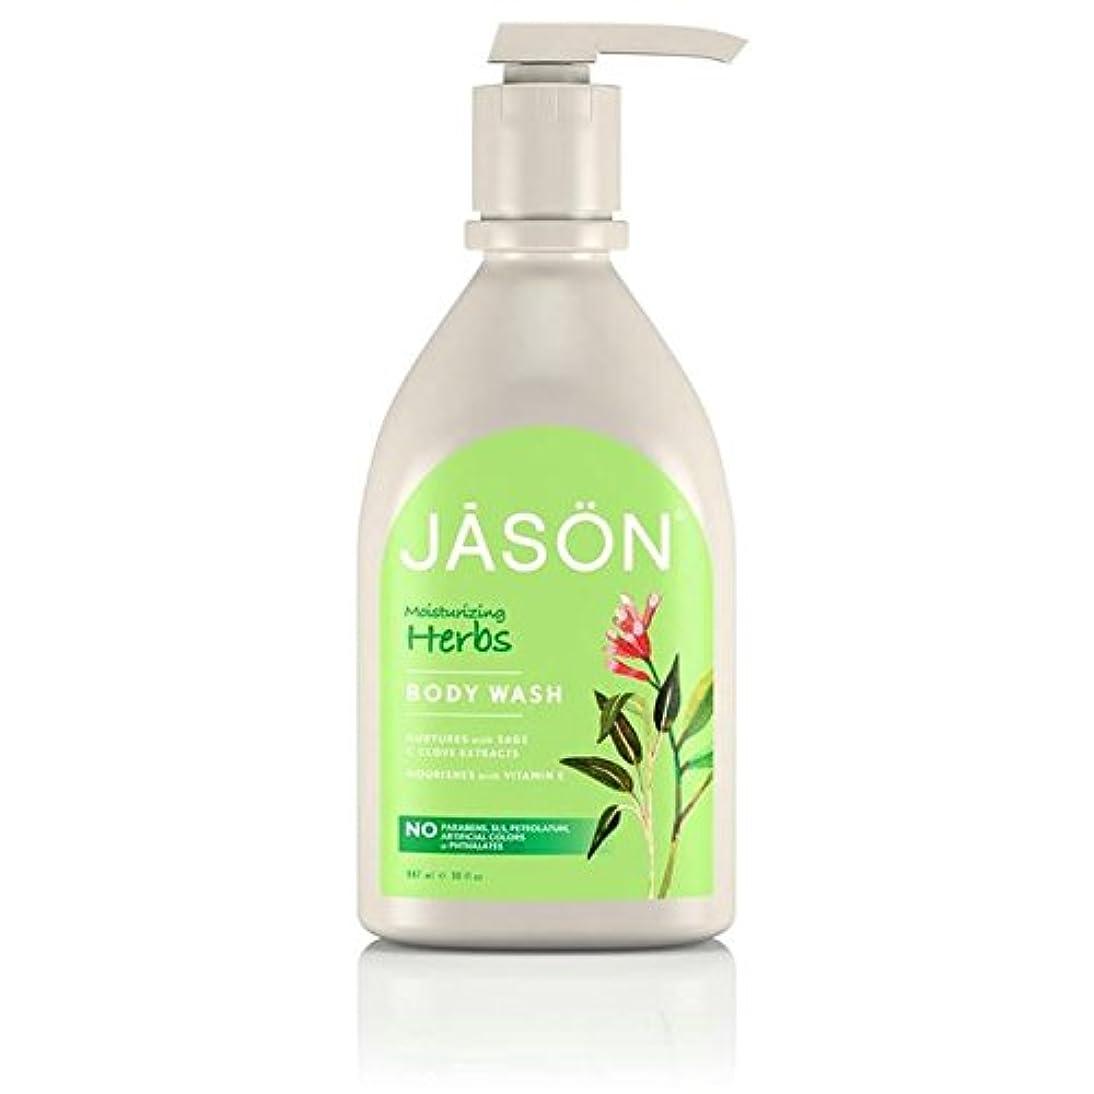 発生動物夜明けJason Herbal Satin Body Wash Pump 900ml (Pack of 6) - ジェイソン?ハーブサテンボディウォッシュポンプ900ミリリットル x6 [並行輸入品]